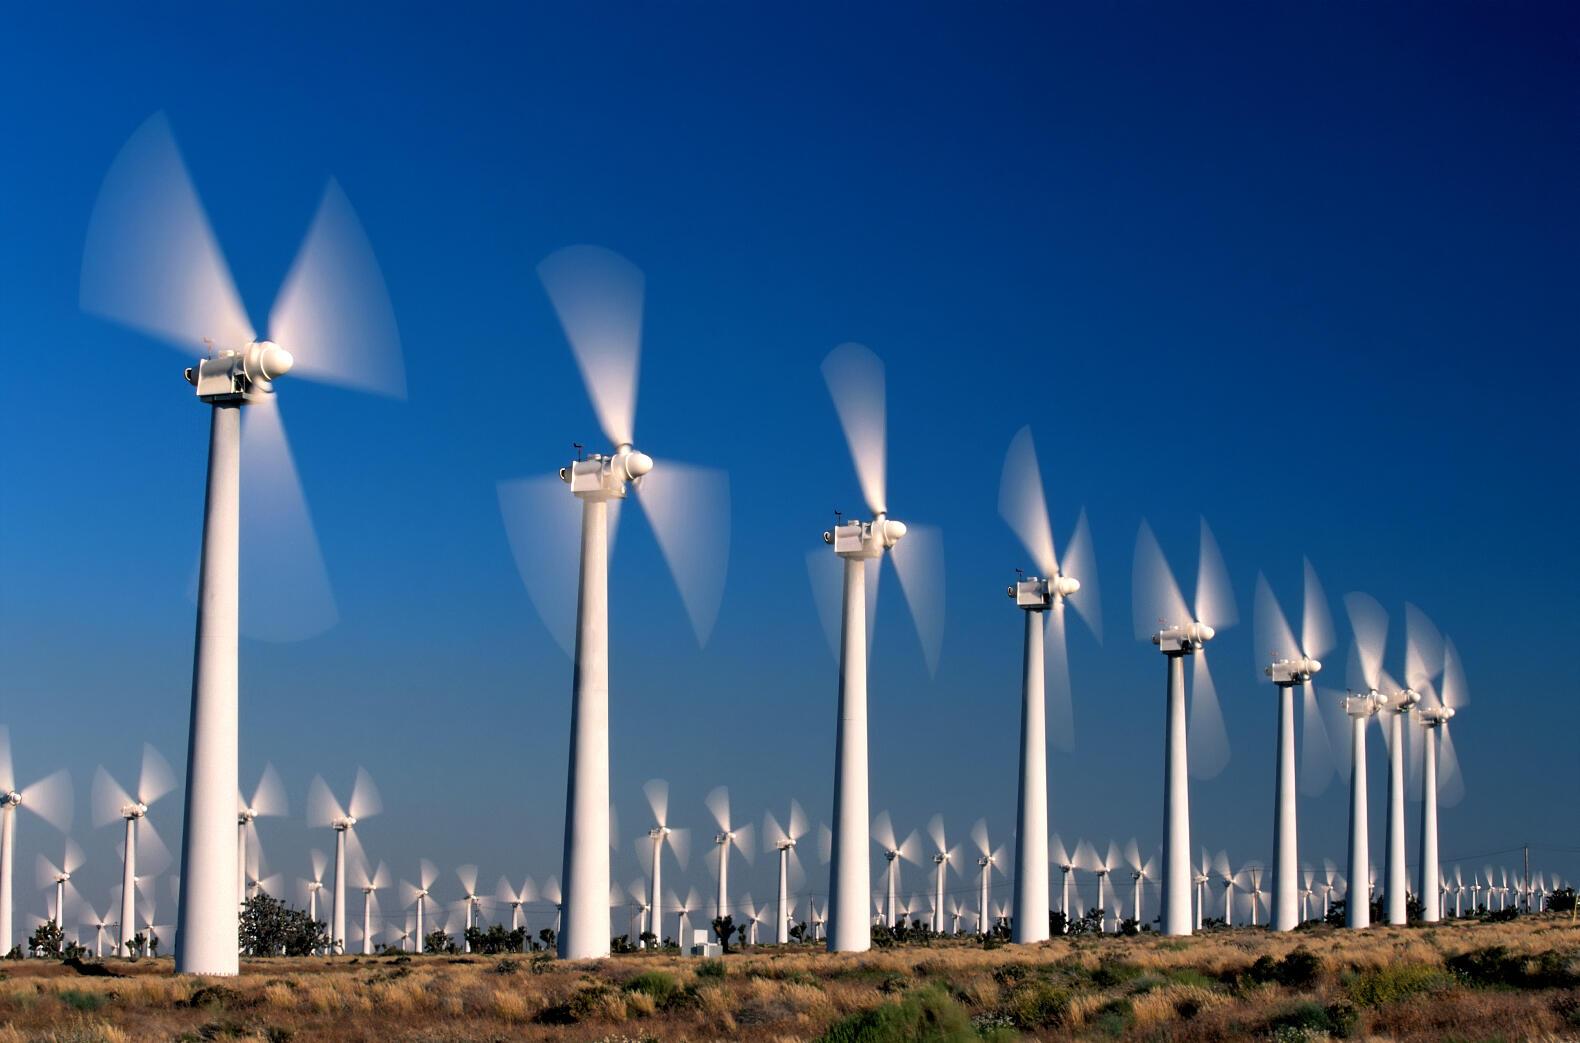 Uruguay réalise d'énormes réalisations avec l'énergie éolienne